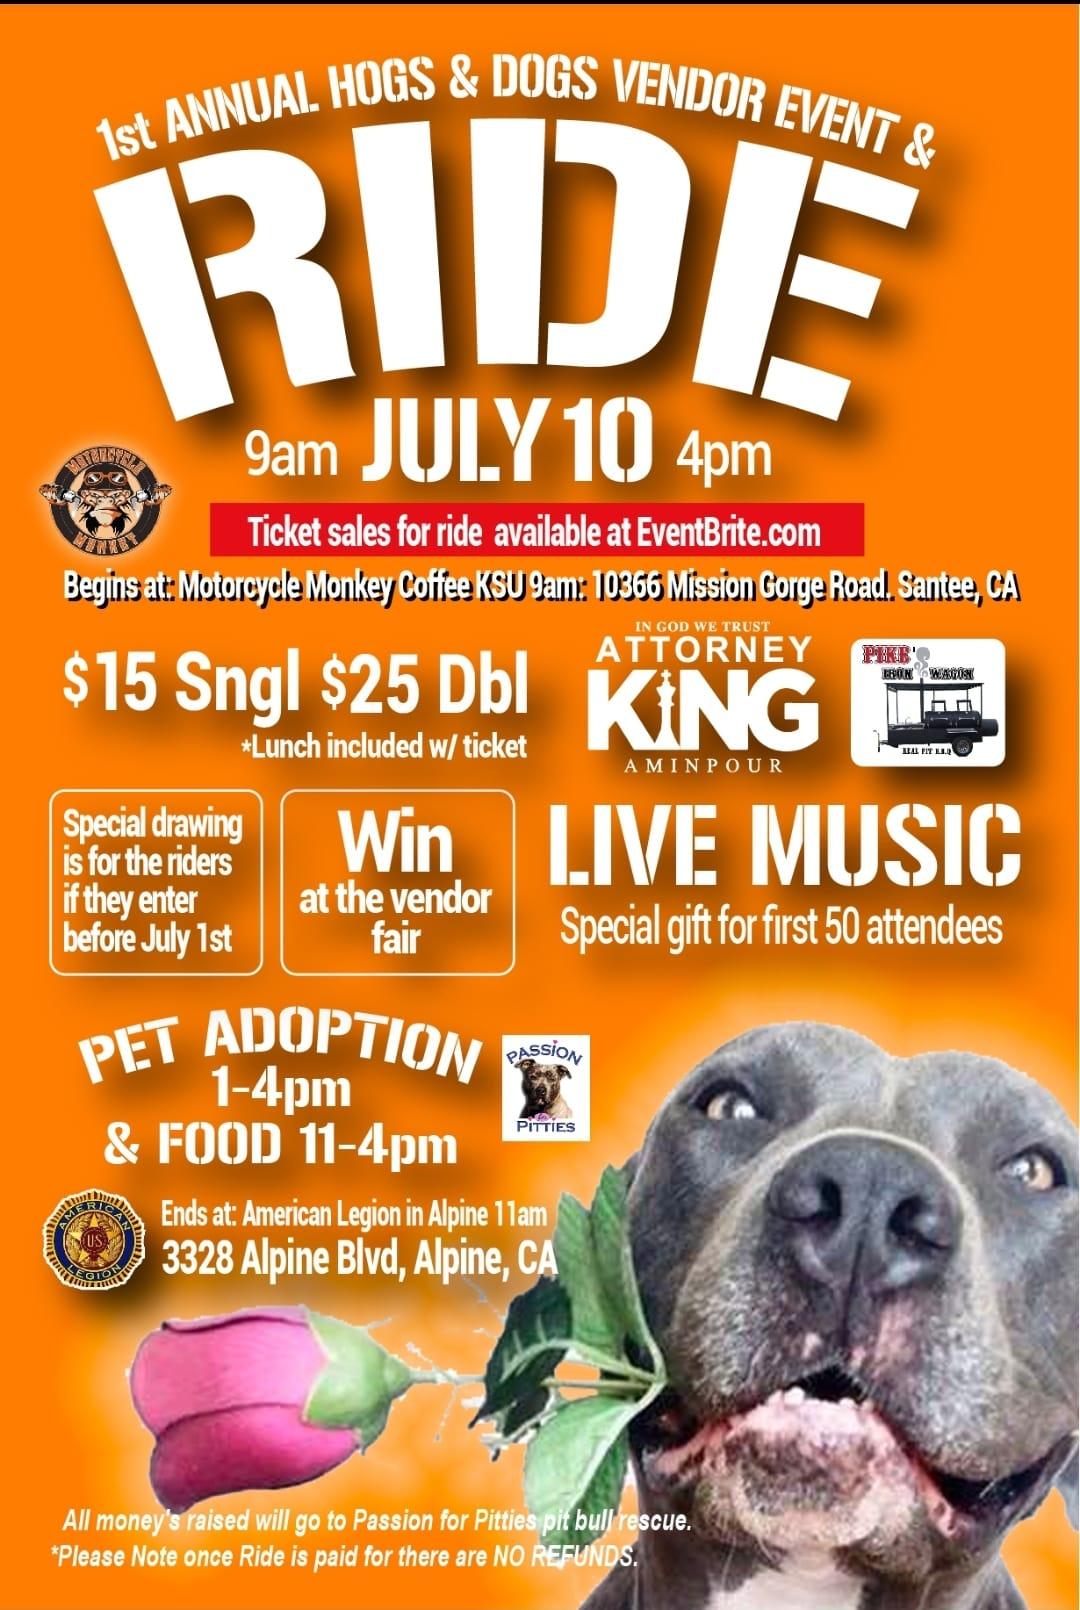 1st Annual Hog & Dogs Vendor Event & Ride